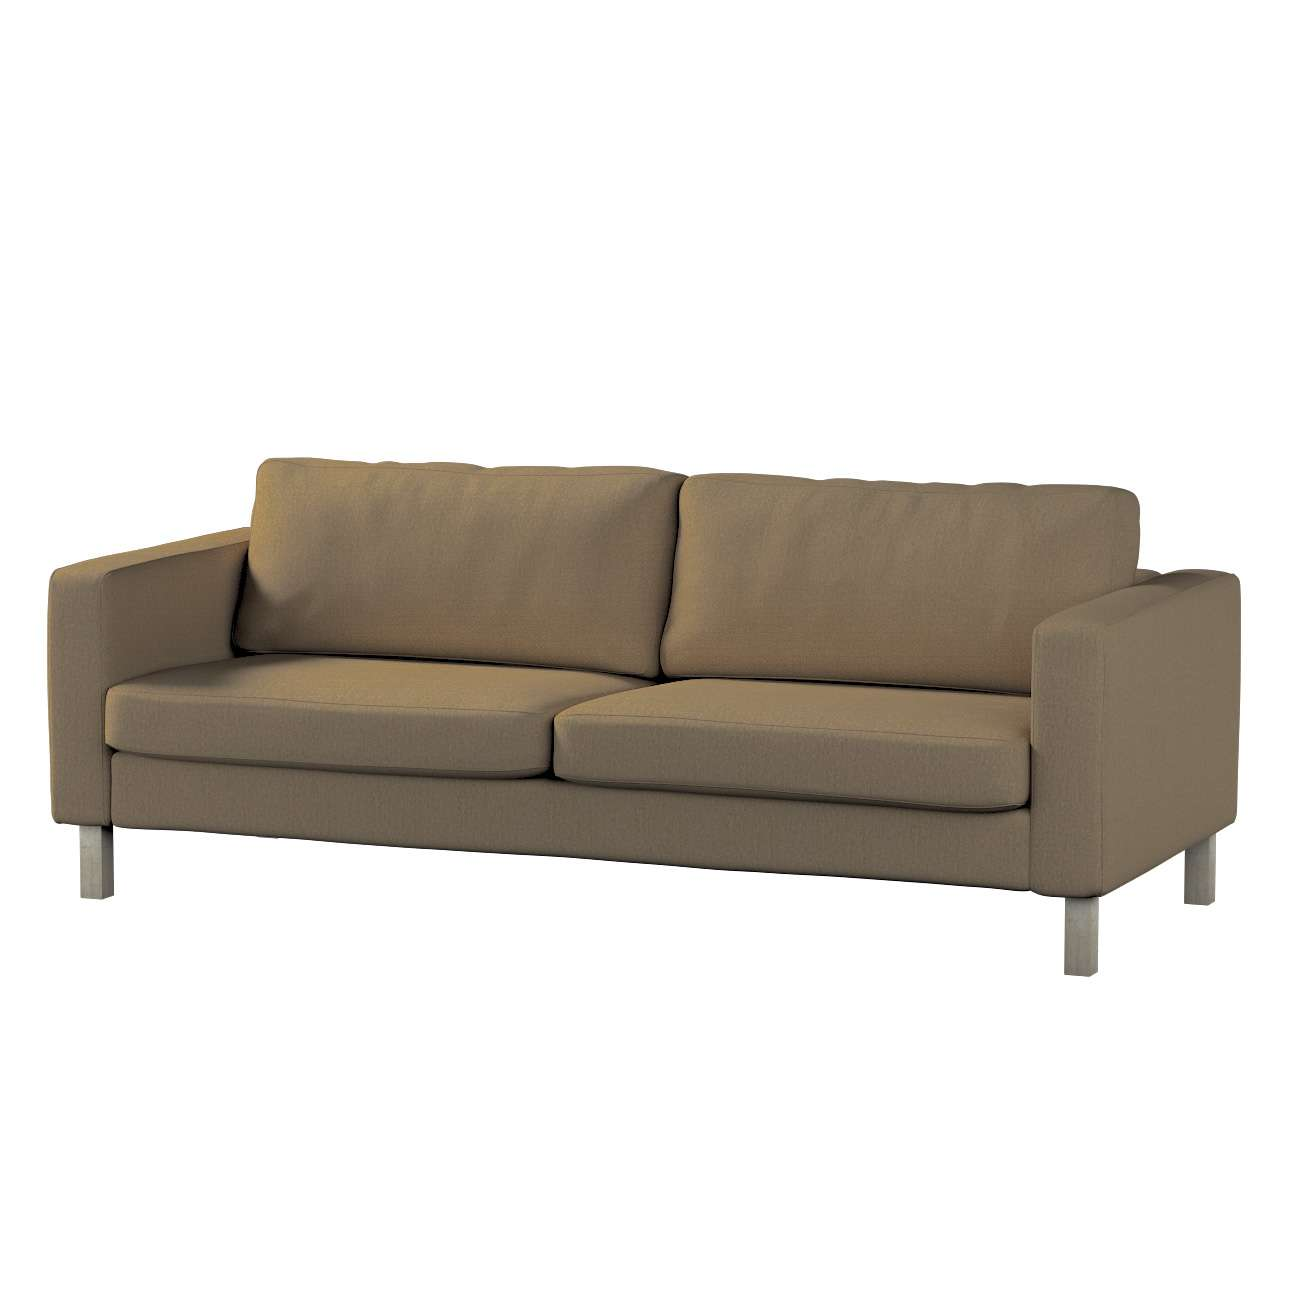 Karlstad sofos-lovos užvalkalas Karlstad trivietės sofos-lovos užvalkalas (išlankstomai sofai) kolekcijoje Chenille, audinys: 702-21